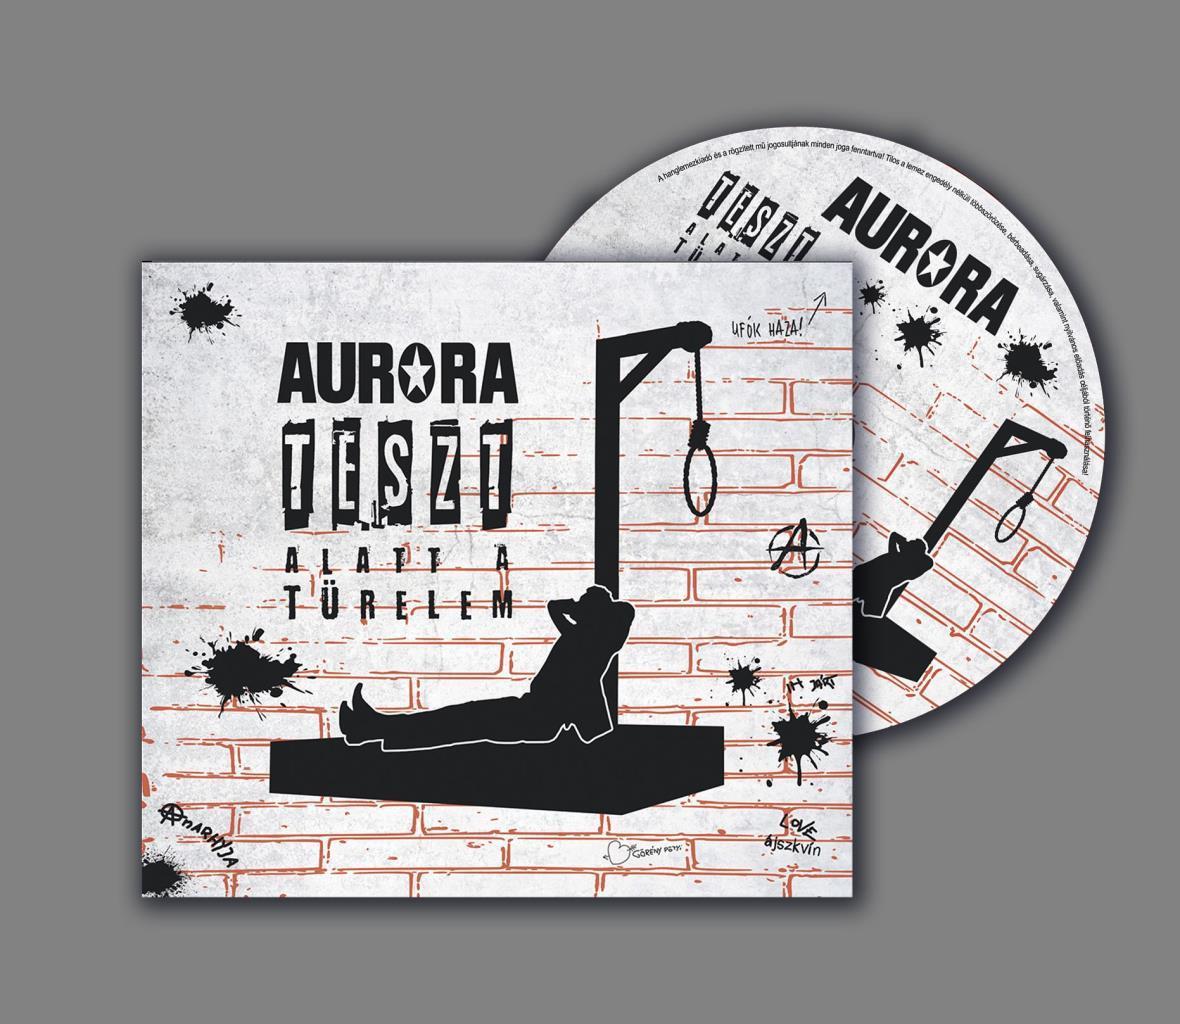 aurora_teszt_alatt_a_turelem_cd_front.jpeg